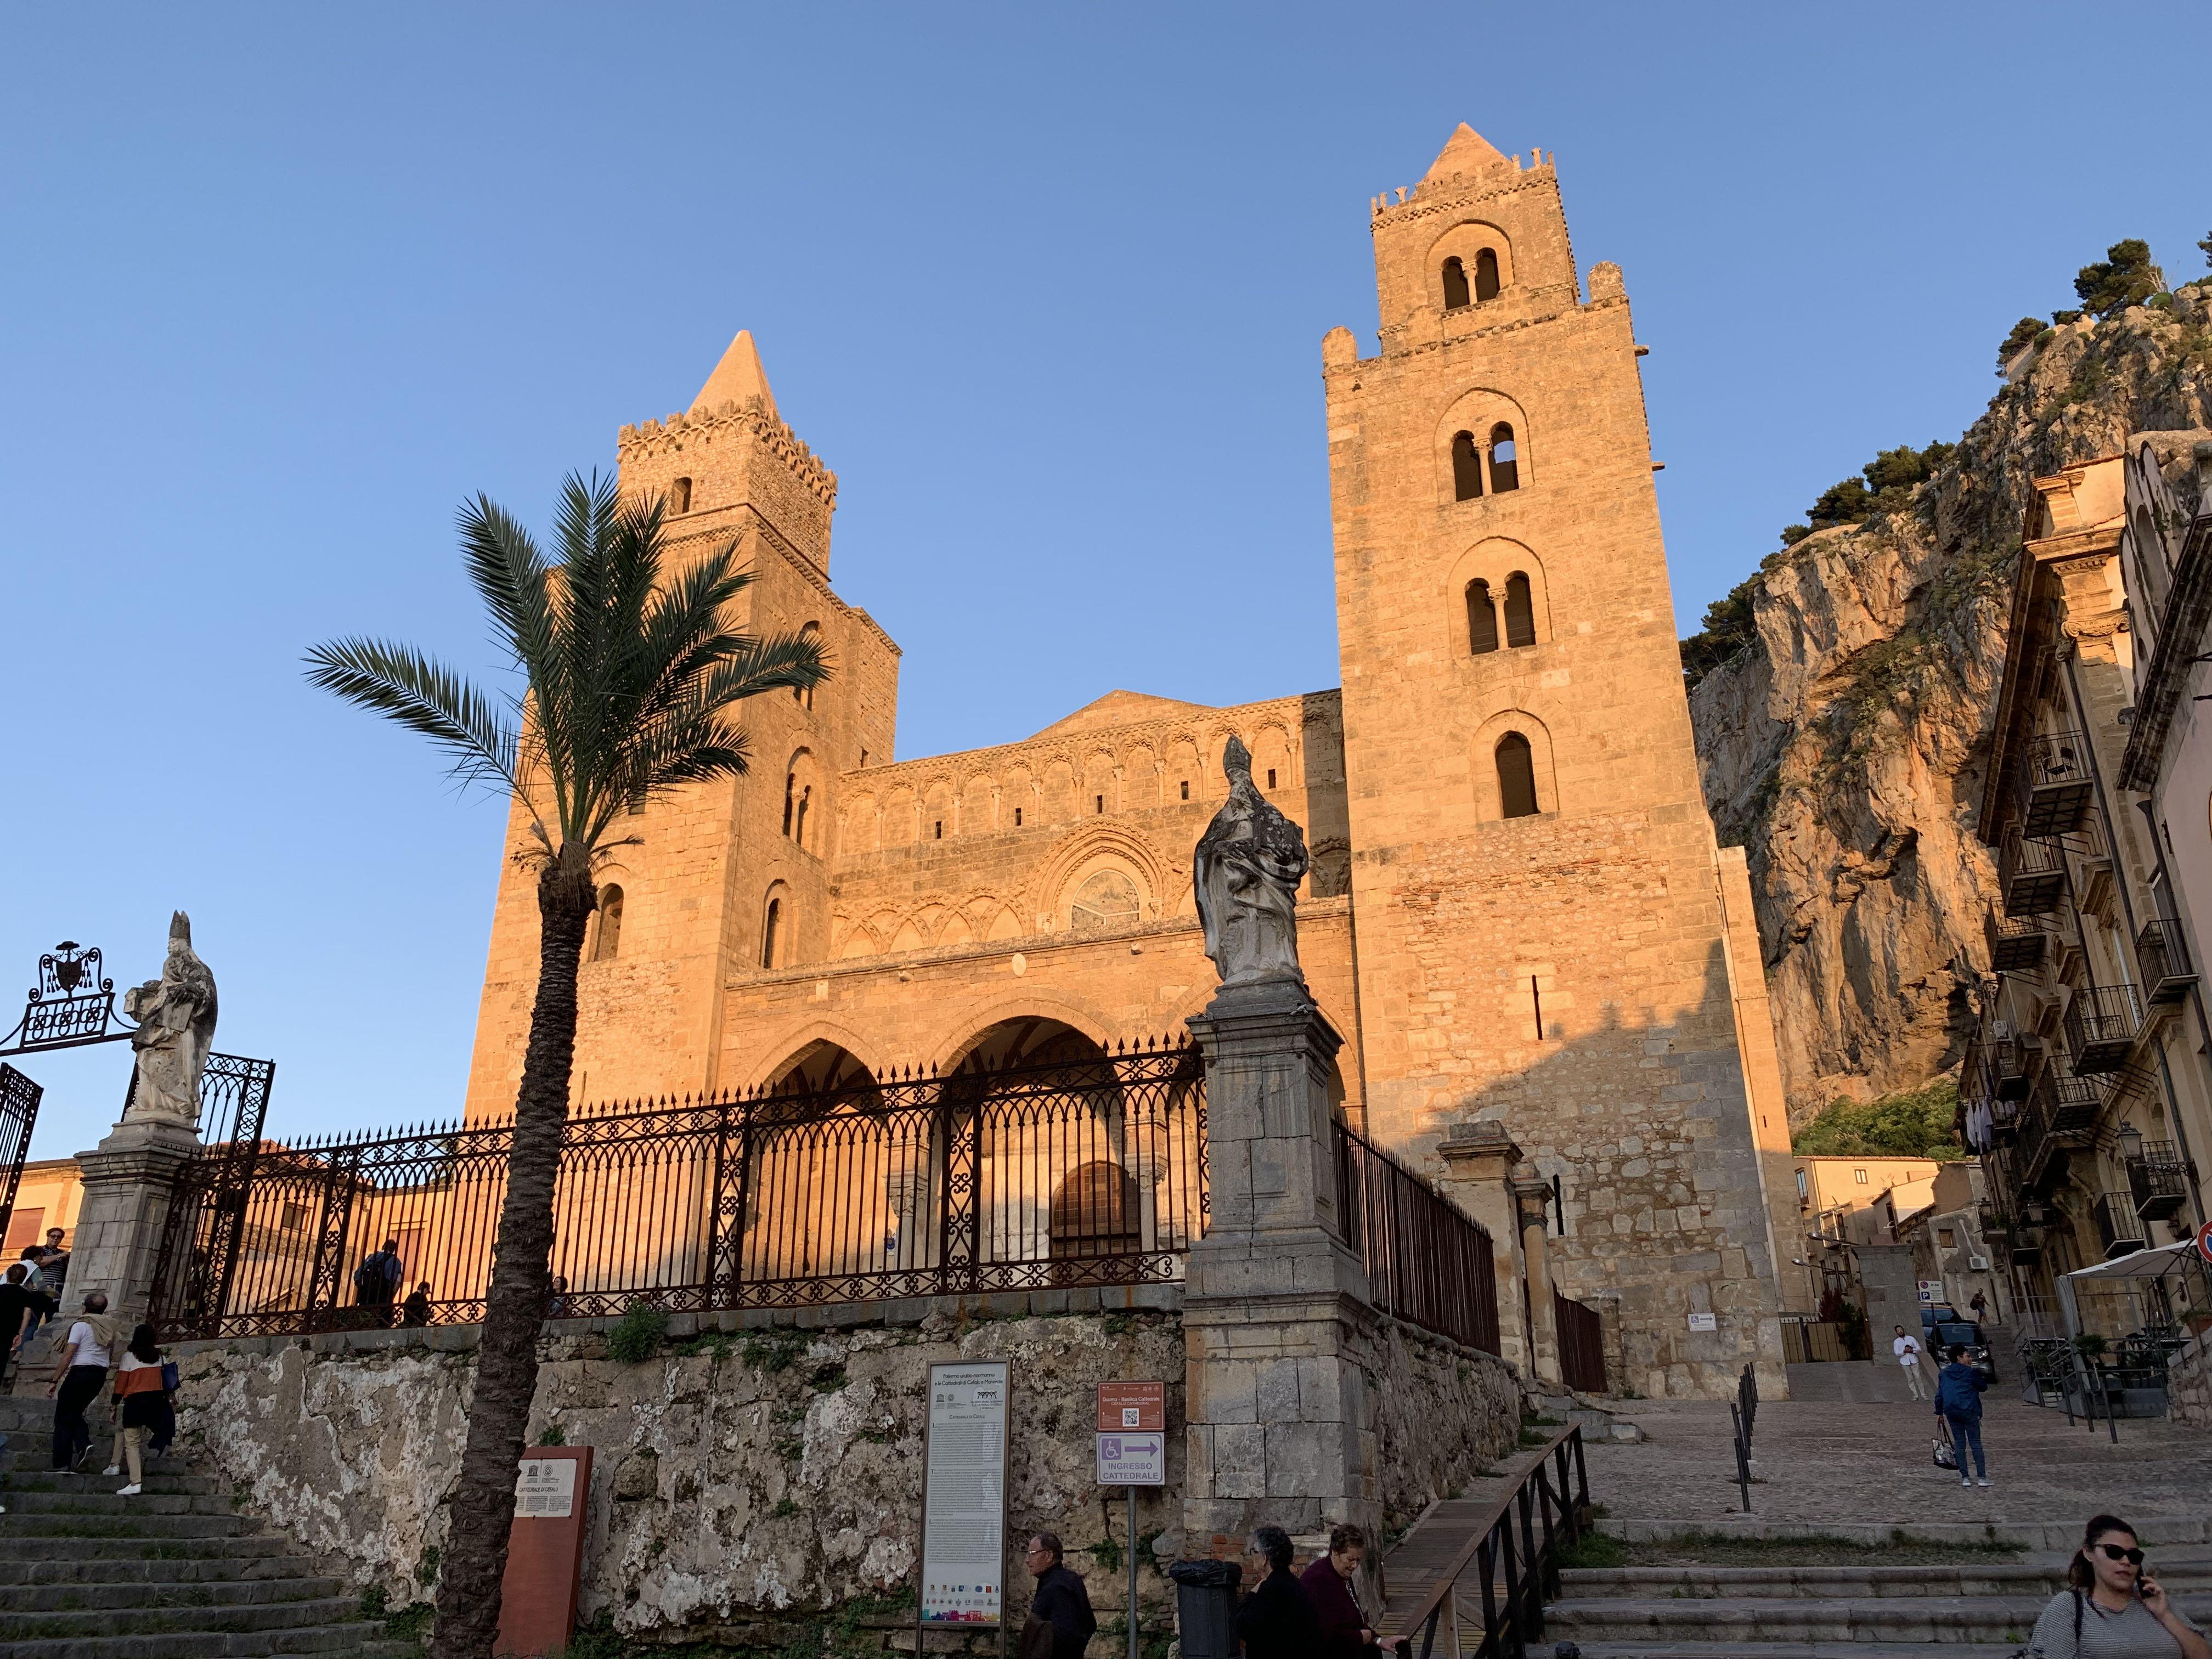 La cathédrale de Cefalu monument classé par l'UNESCO